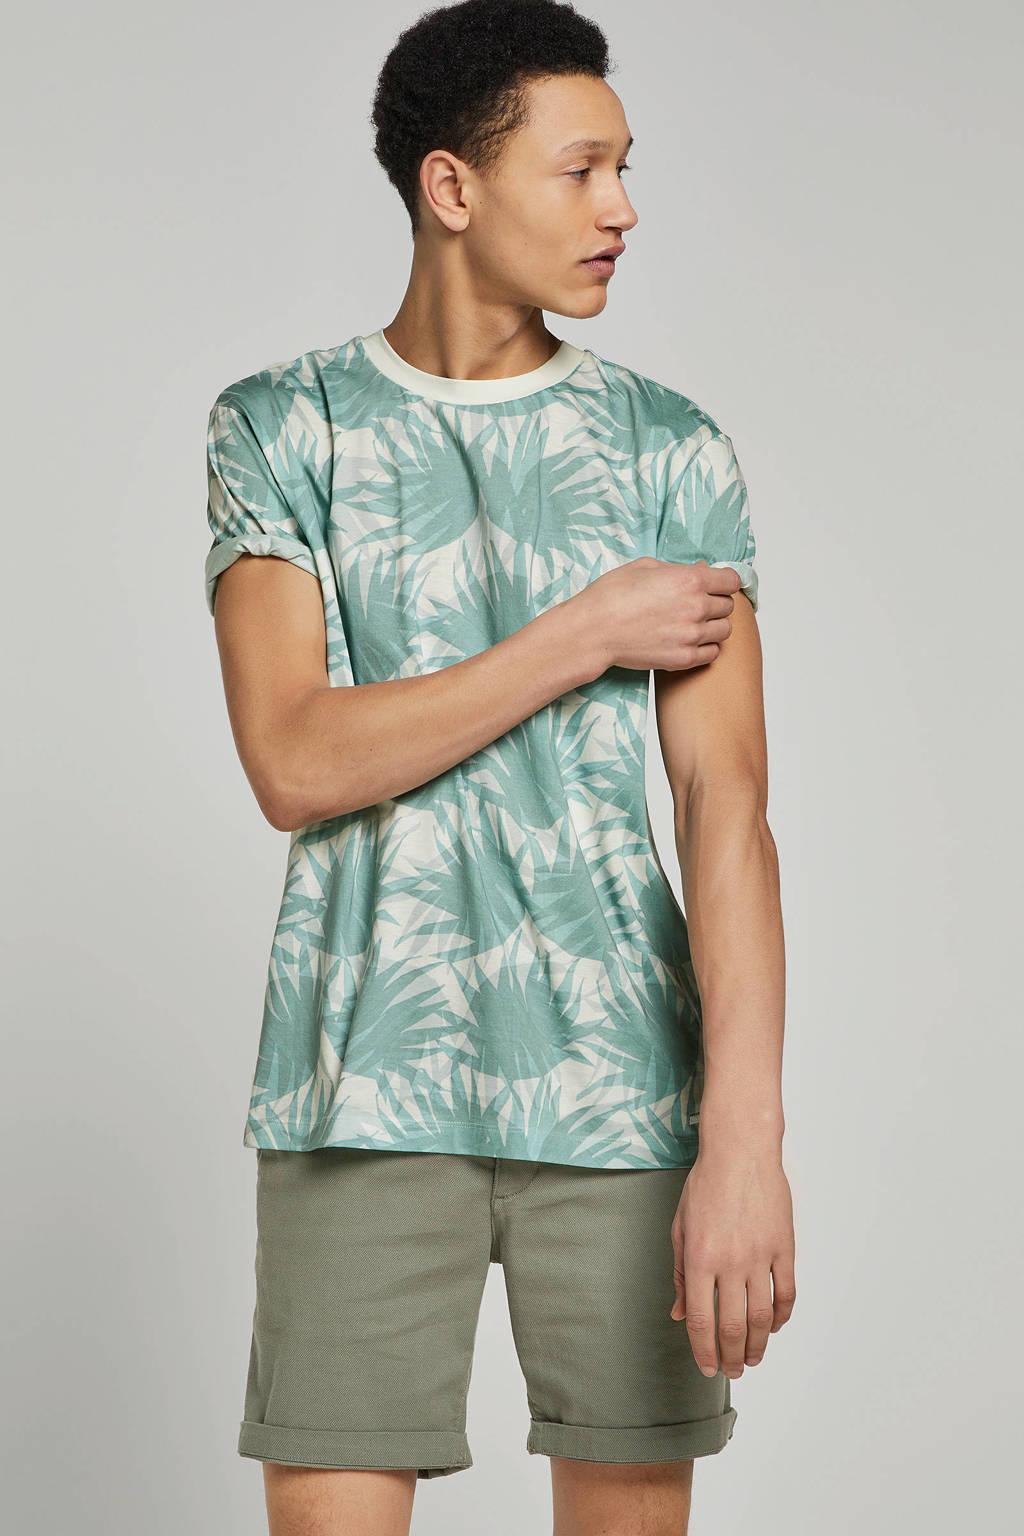 Boss Casual T-shirt met bladmotief, Groen/wit